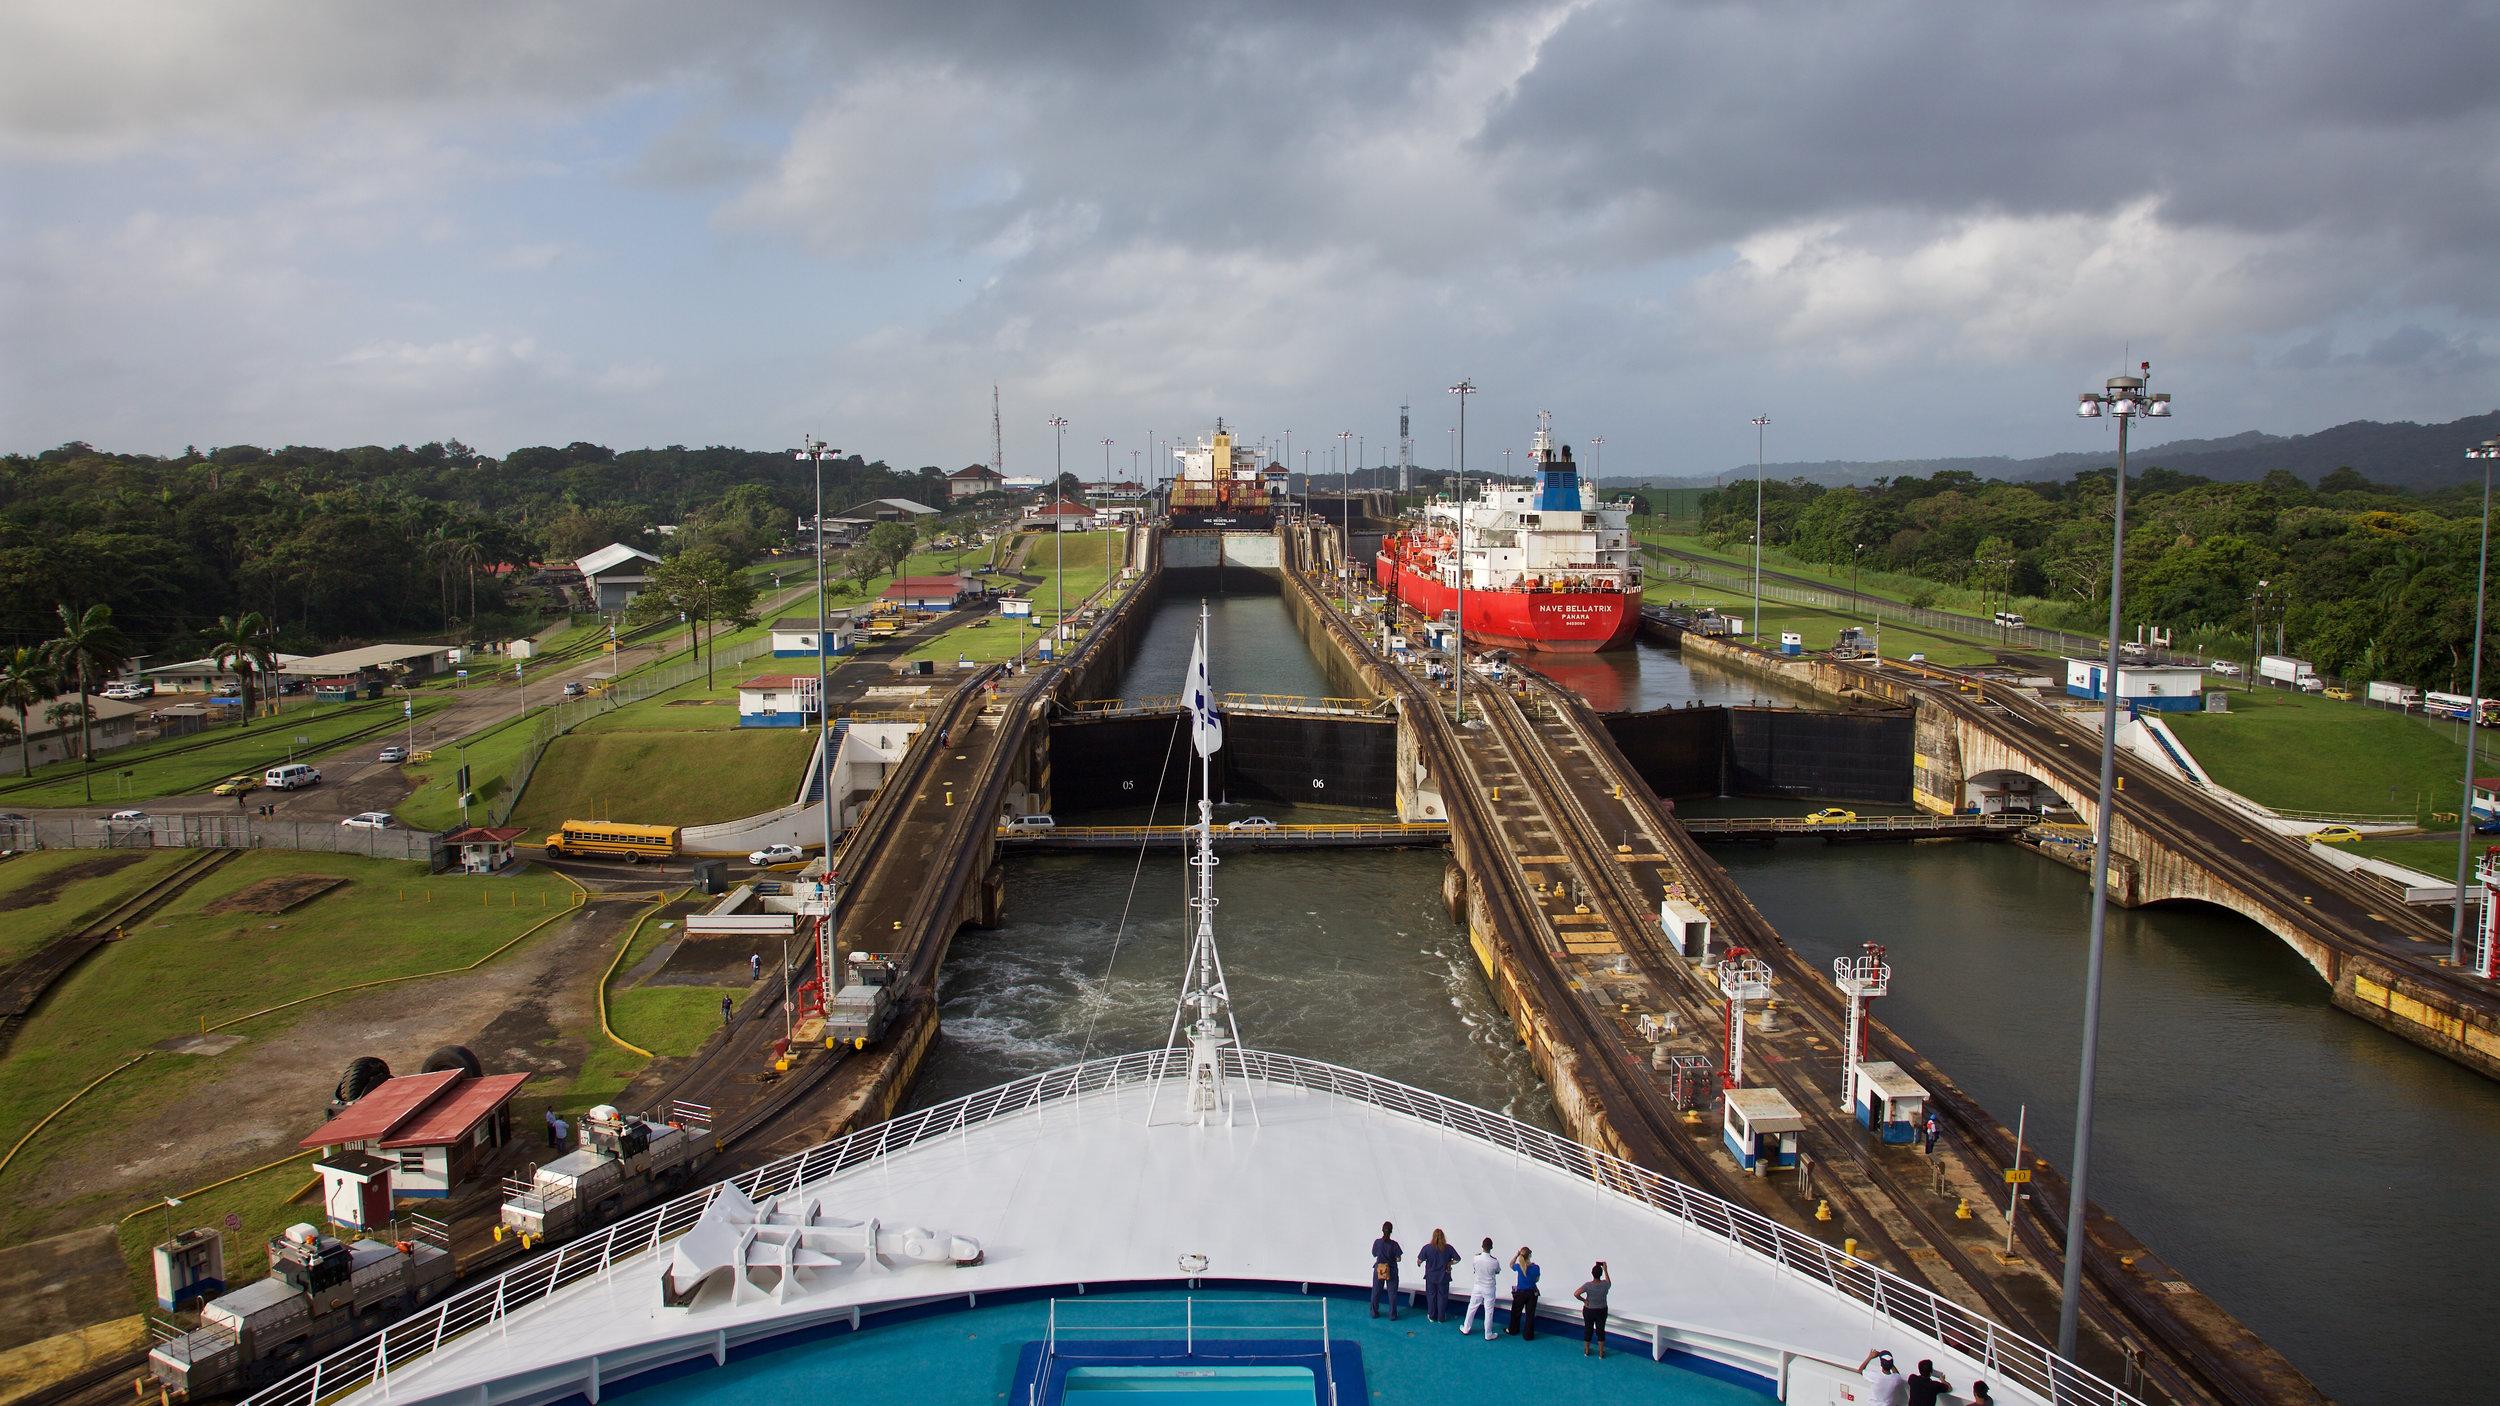 WC2015_Panama Canal_Gatun Locks_12.jpg